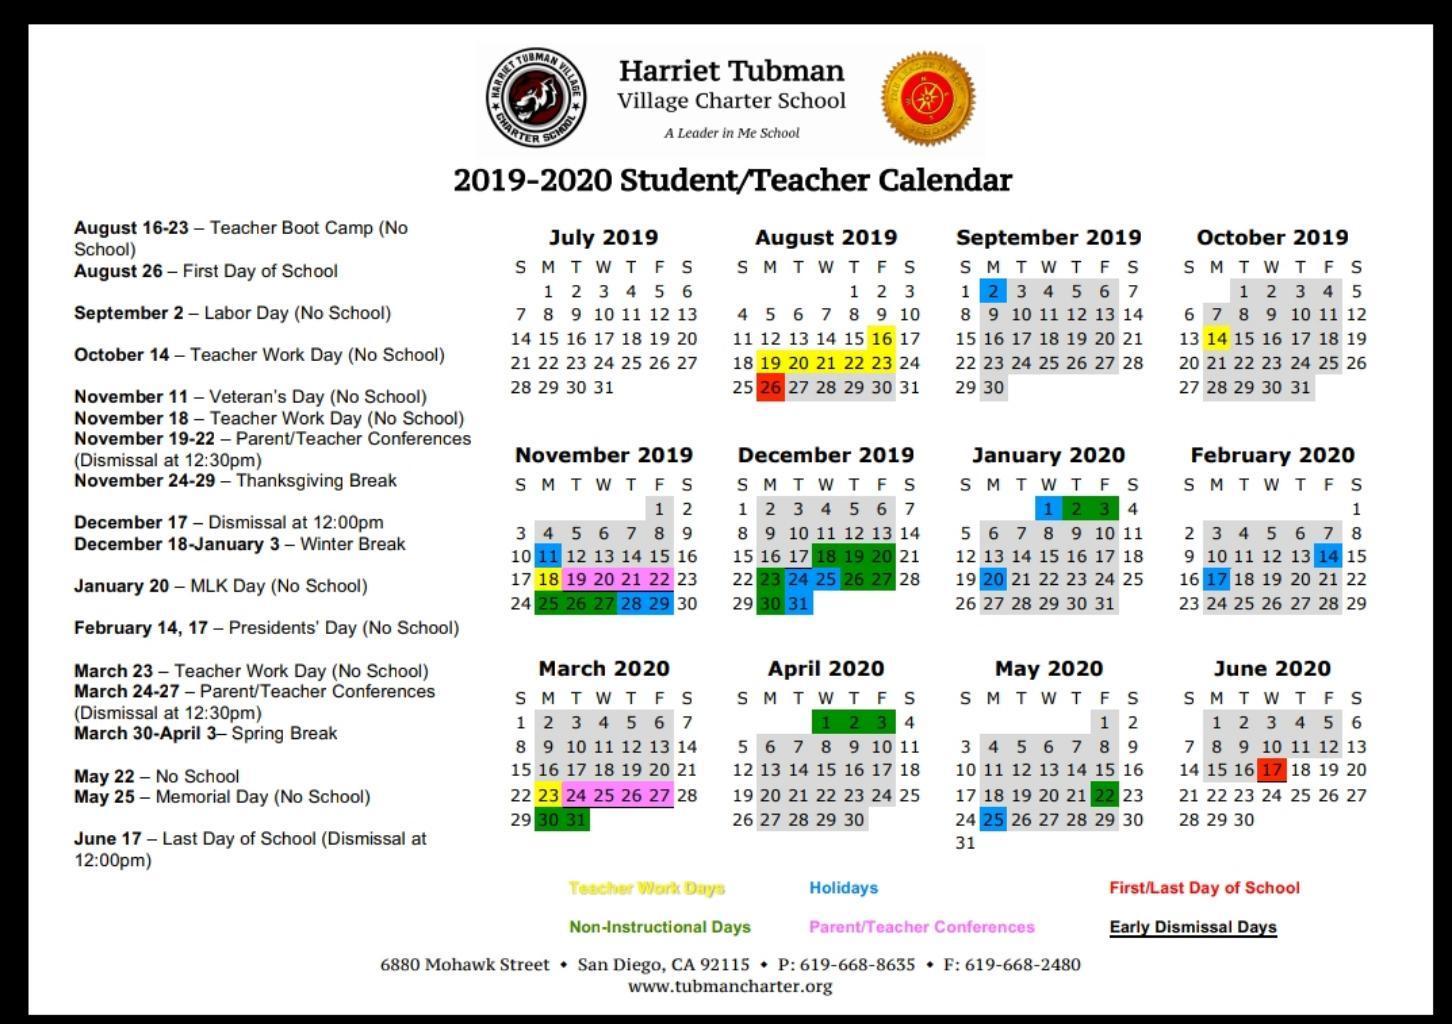 School Year Calendar 2019 20 – School Year Calendar 2019 20 Pertaining To Otay Ranch High Scool Calendar